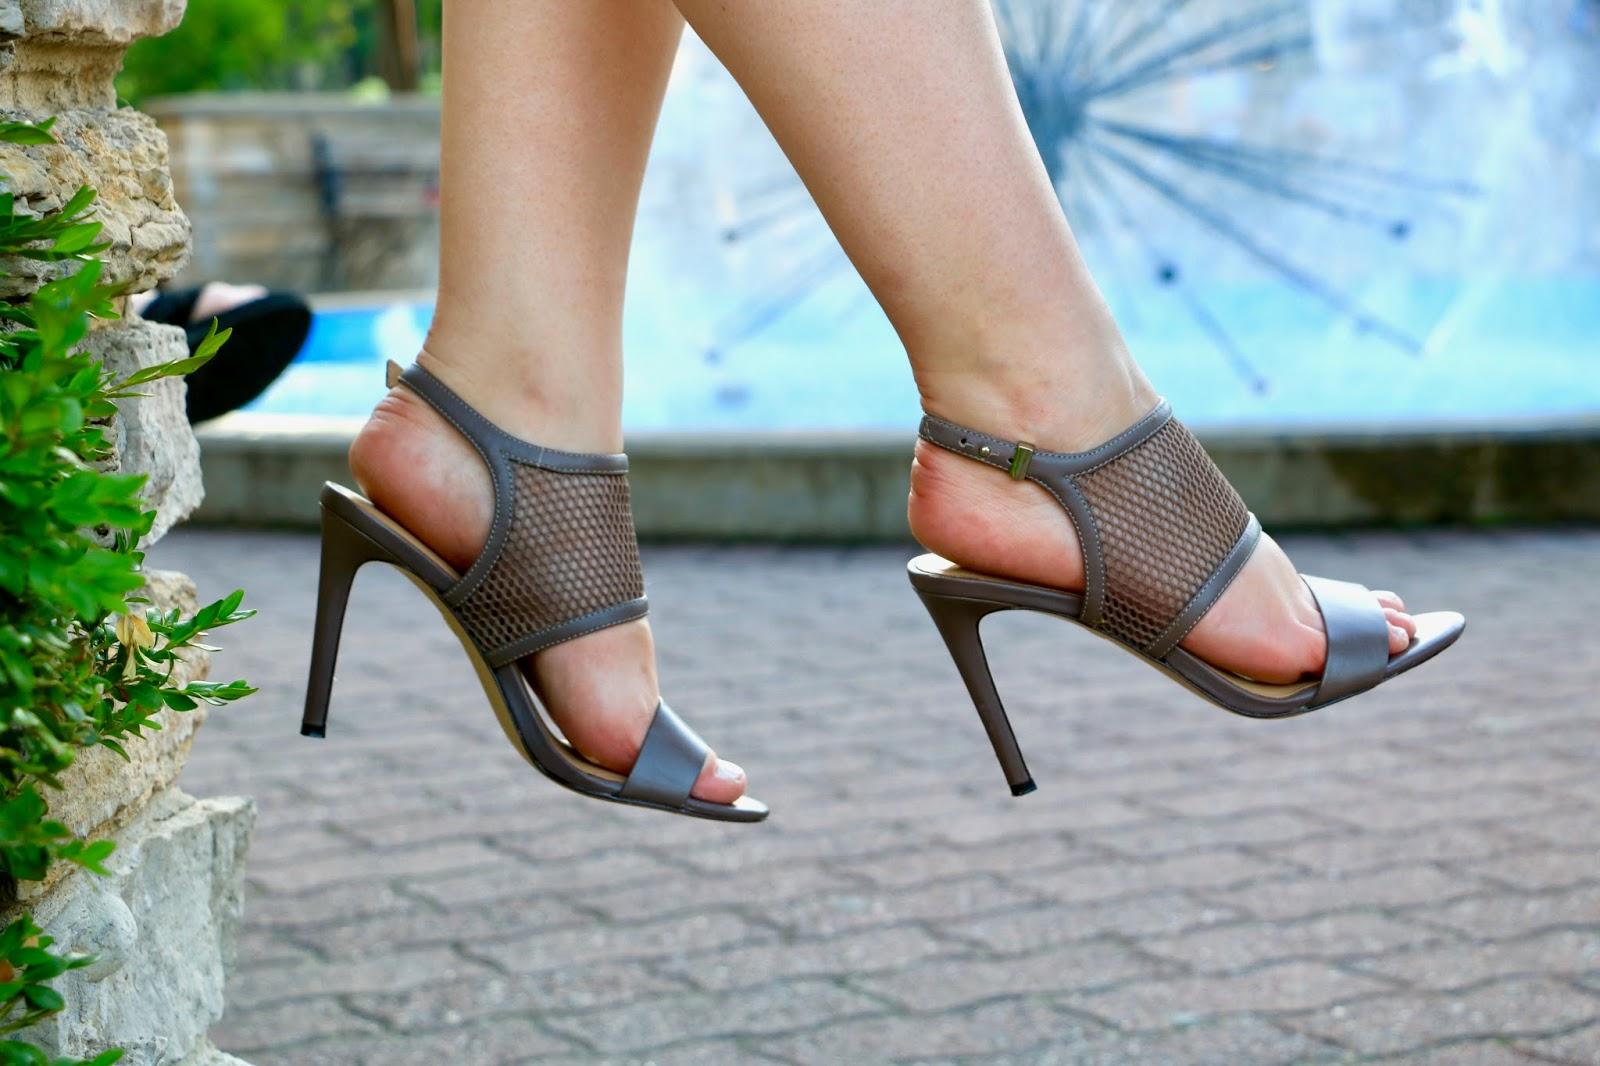 Mesh high heels